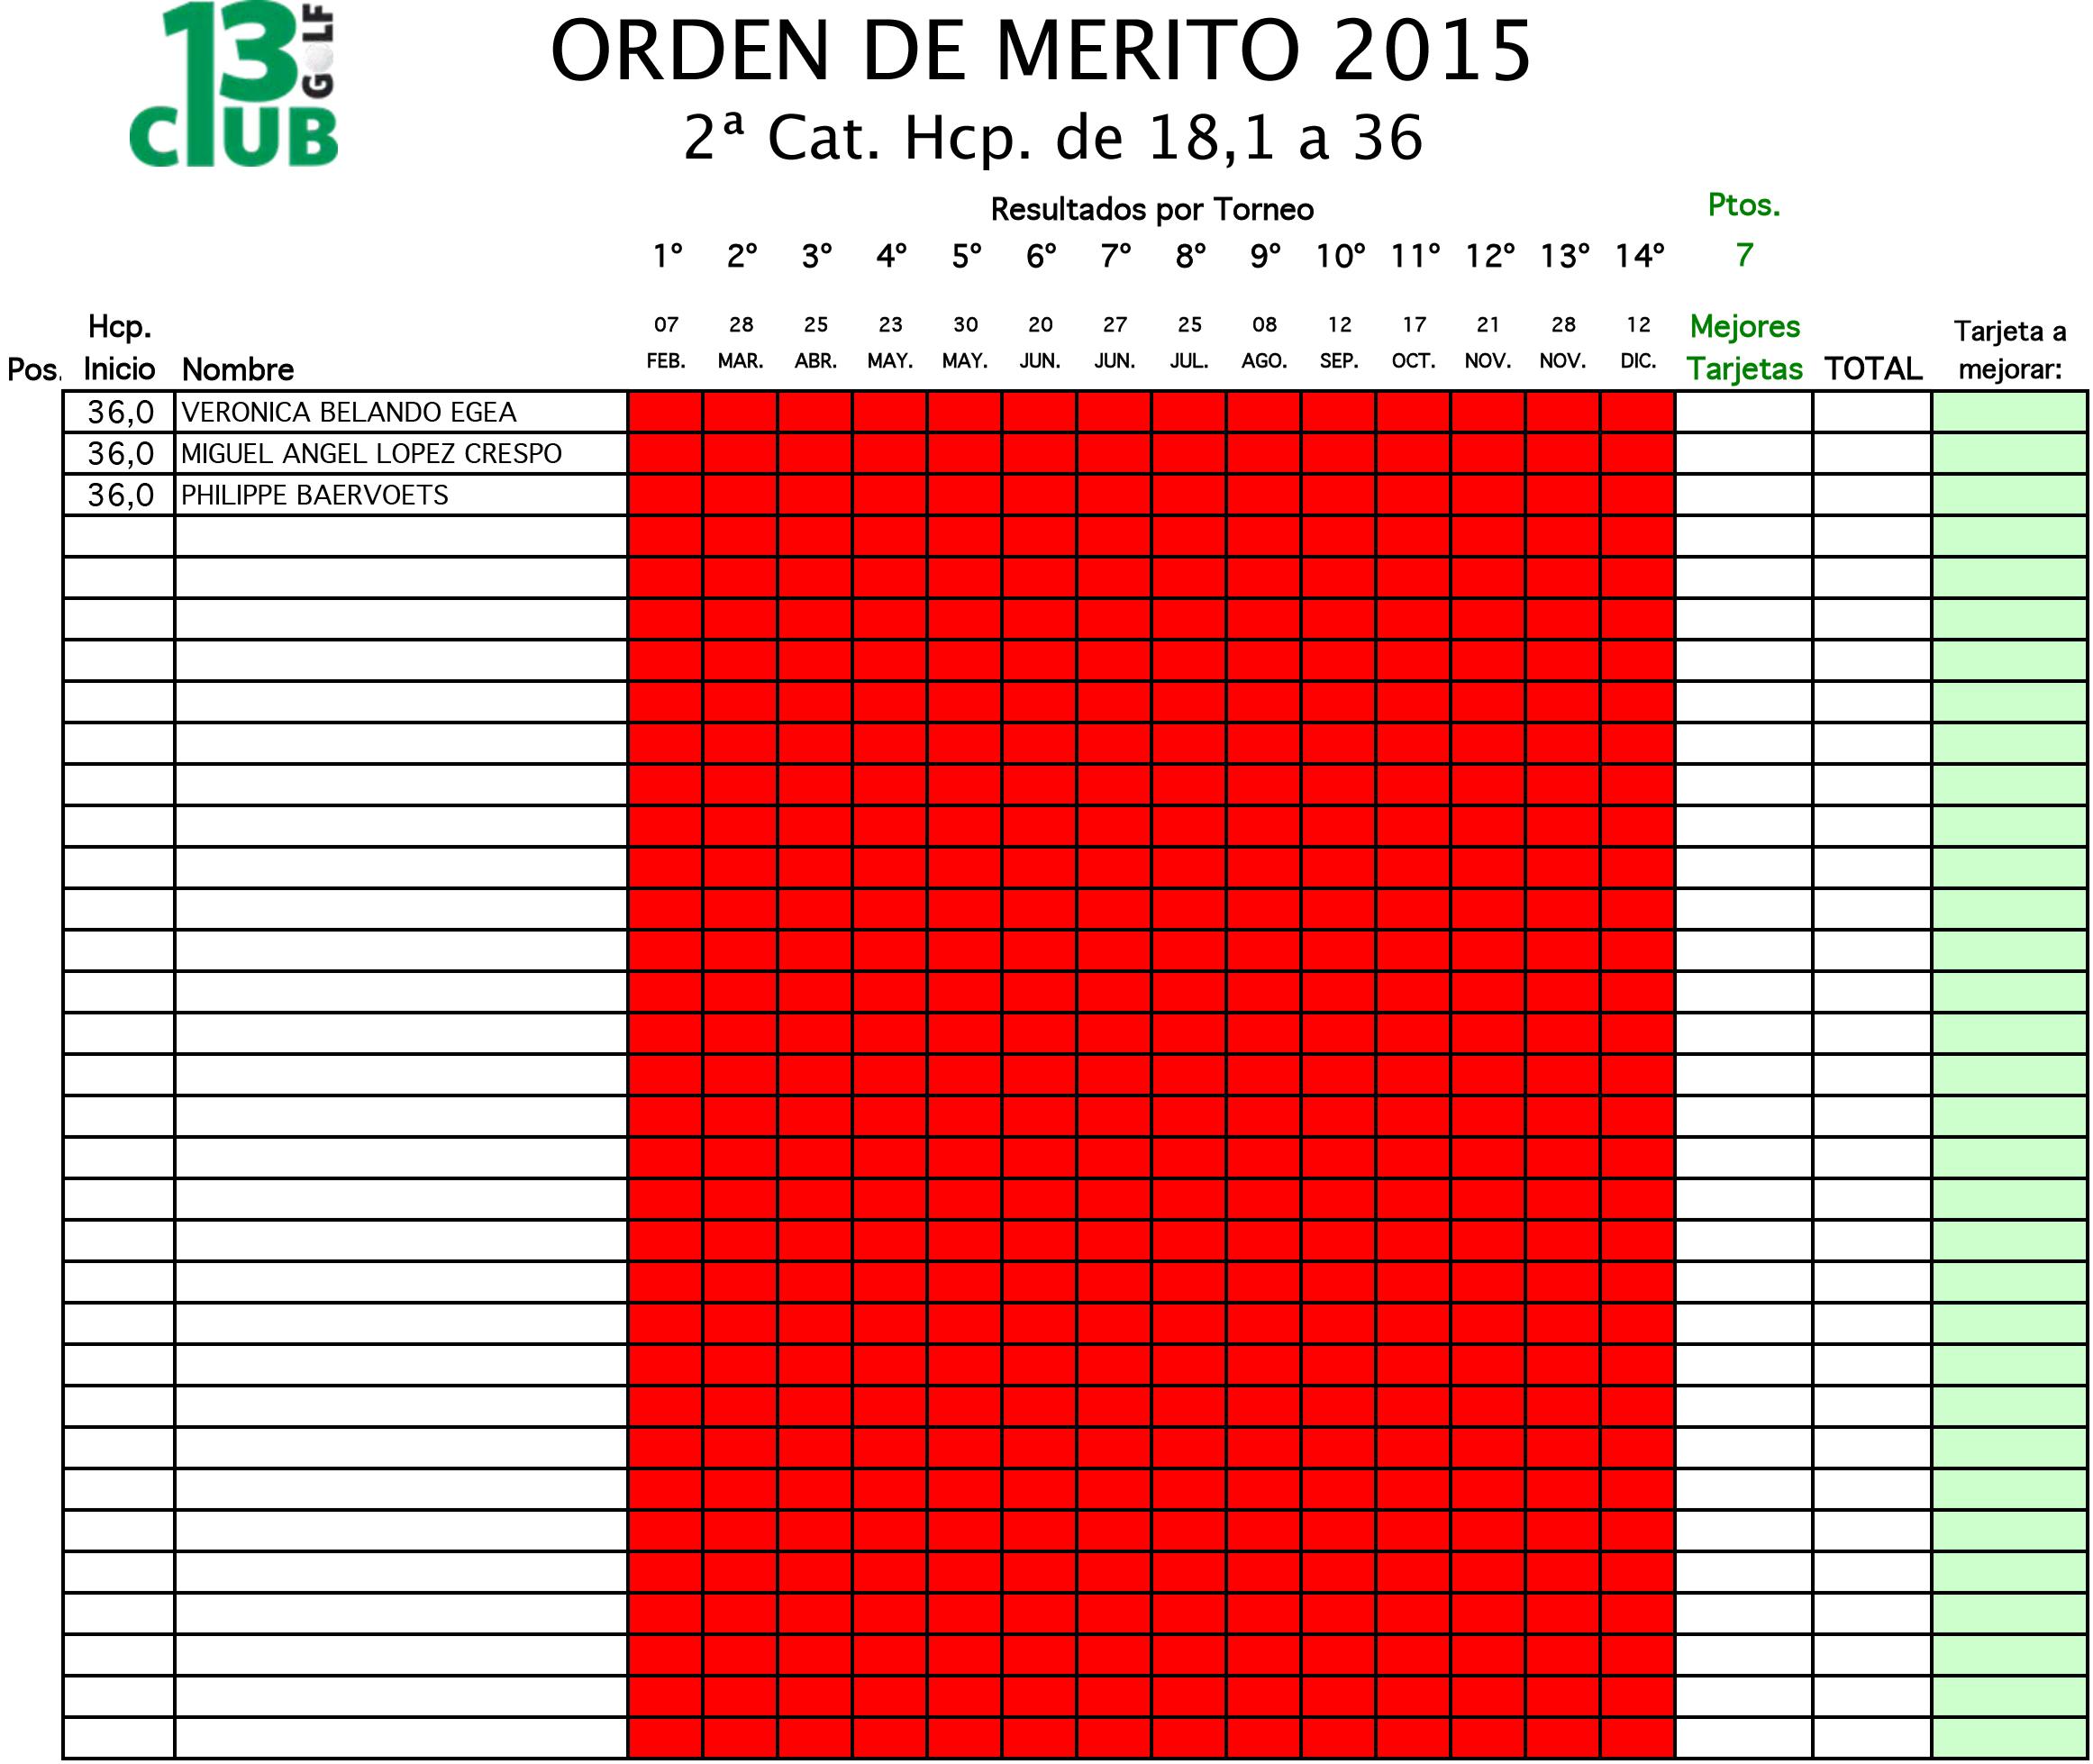 O.M. 2015 2ª Categoría